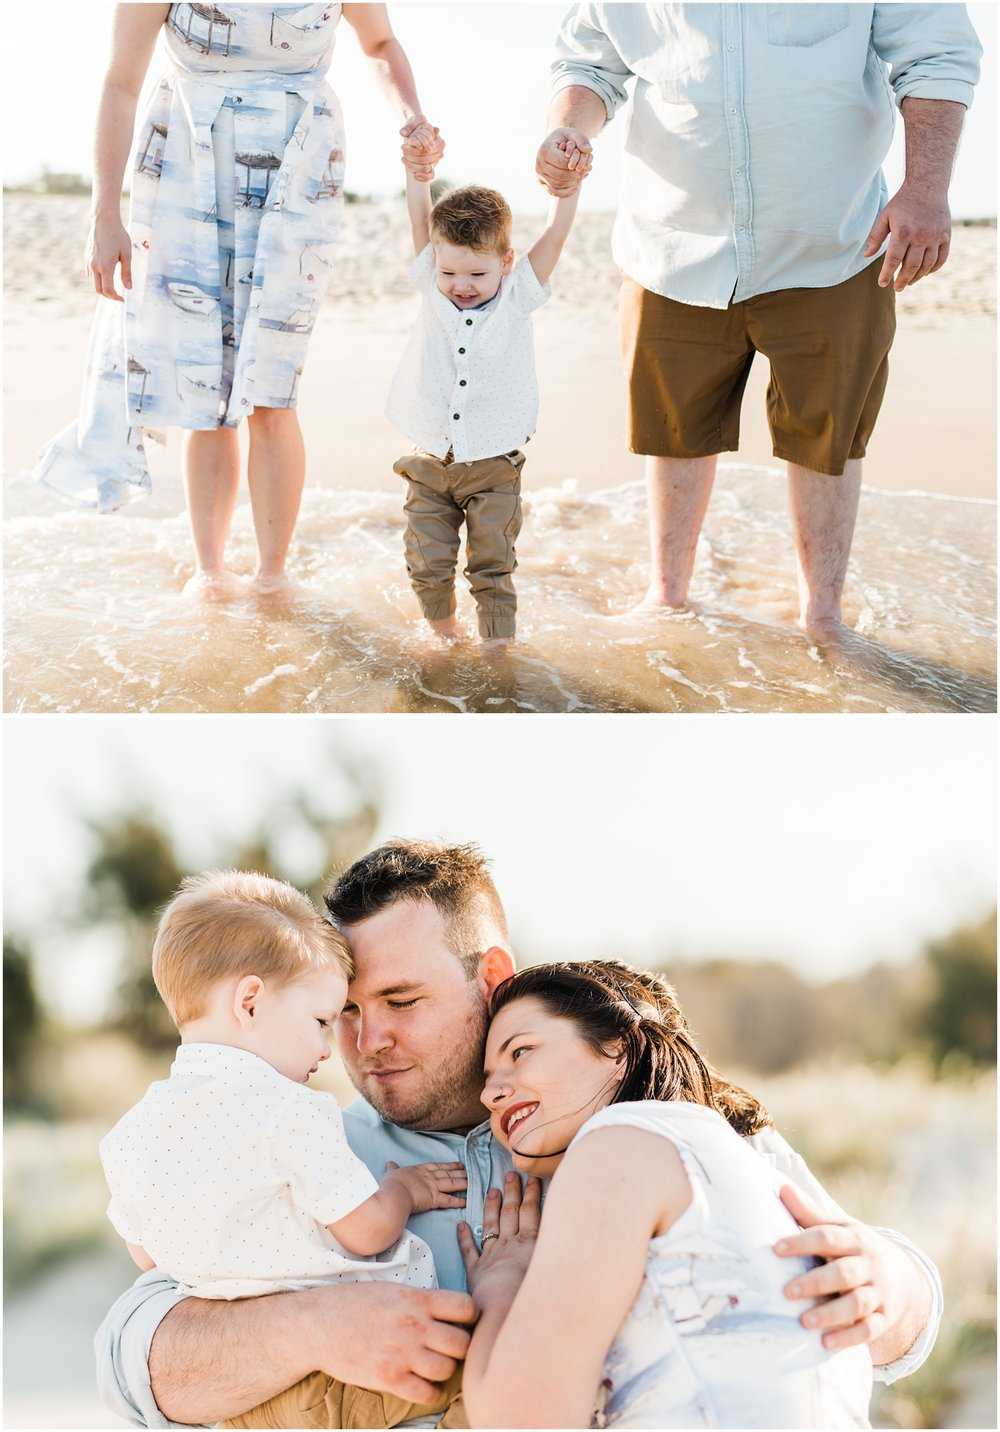 gold-coast-beach-family-photography29.jpg